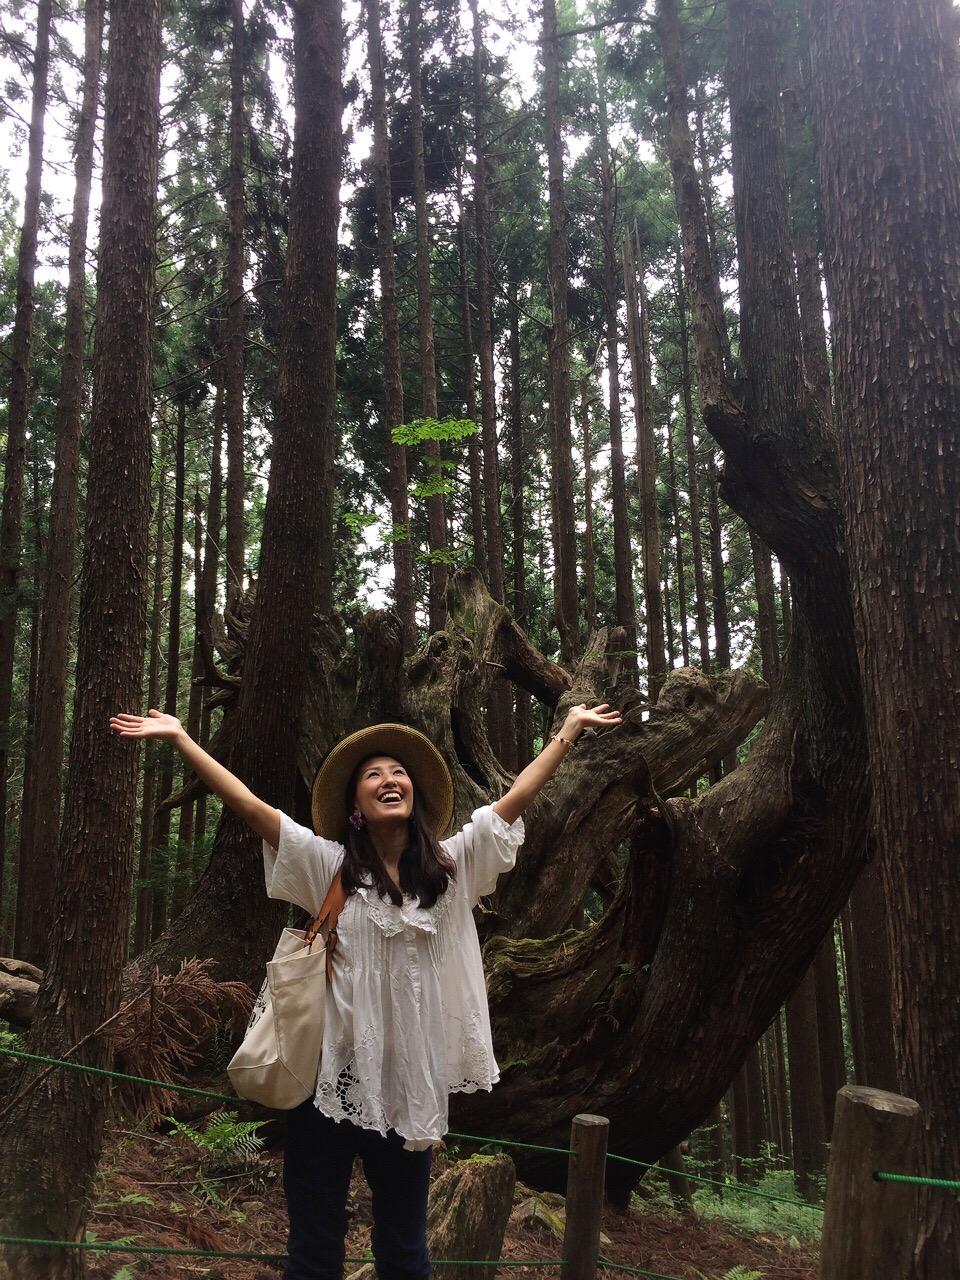 株杉の森の巨大株杉で撮影